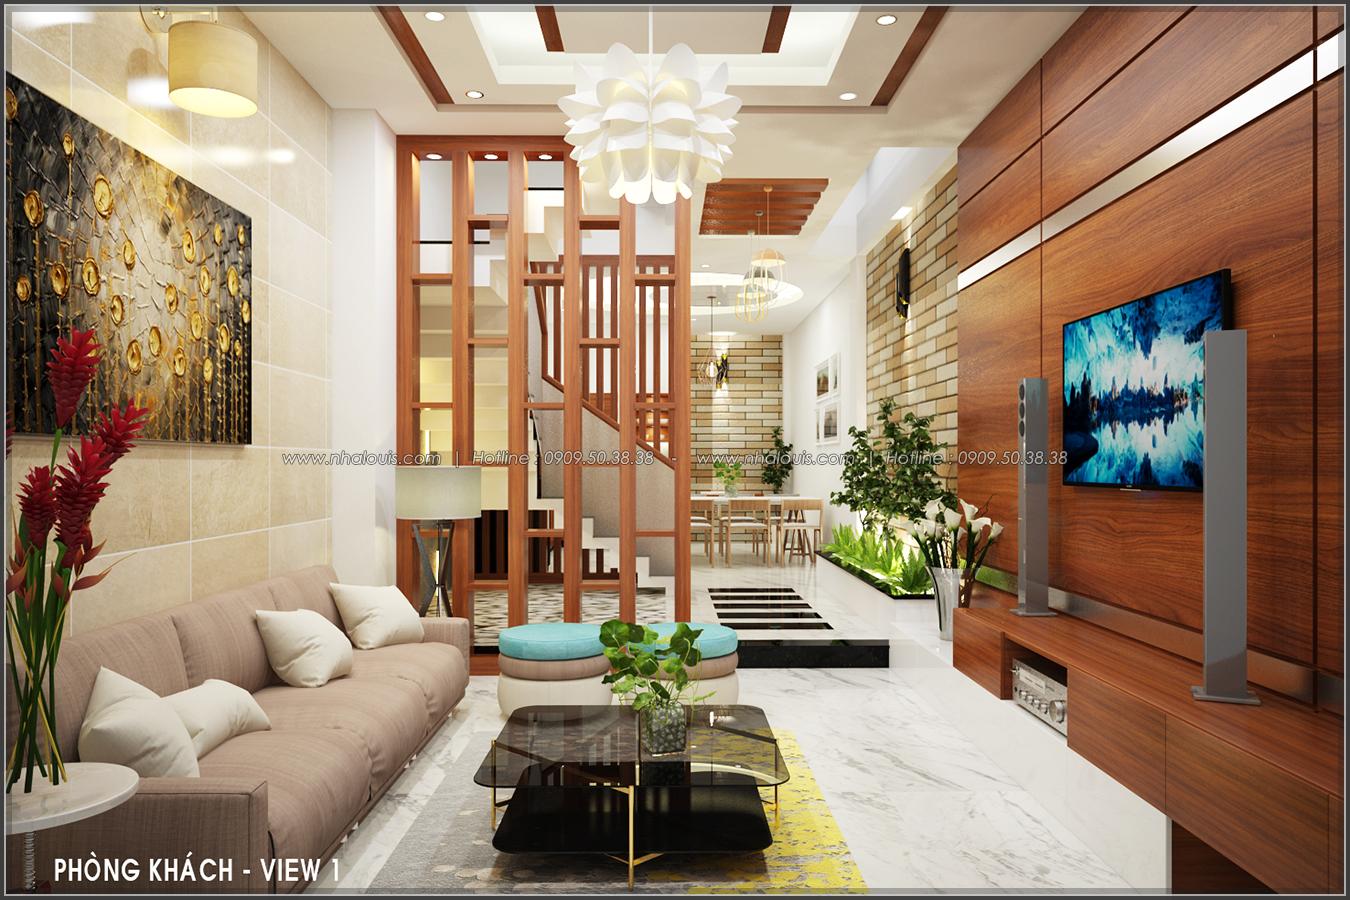 Thiết kế nội thất tone gỗ cho nhà ống quận Tân Bình đẹp ấm áp và sang trọng